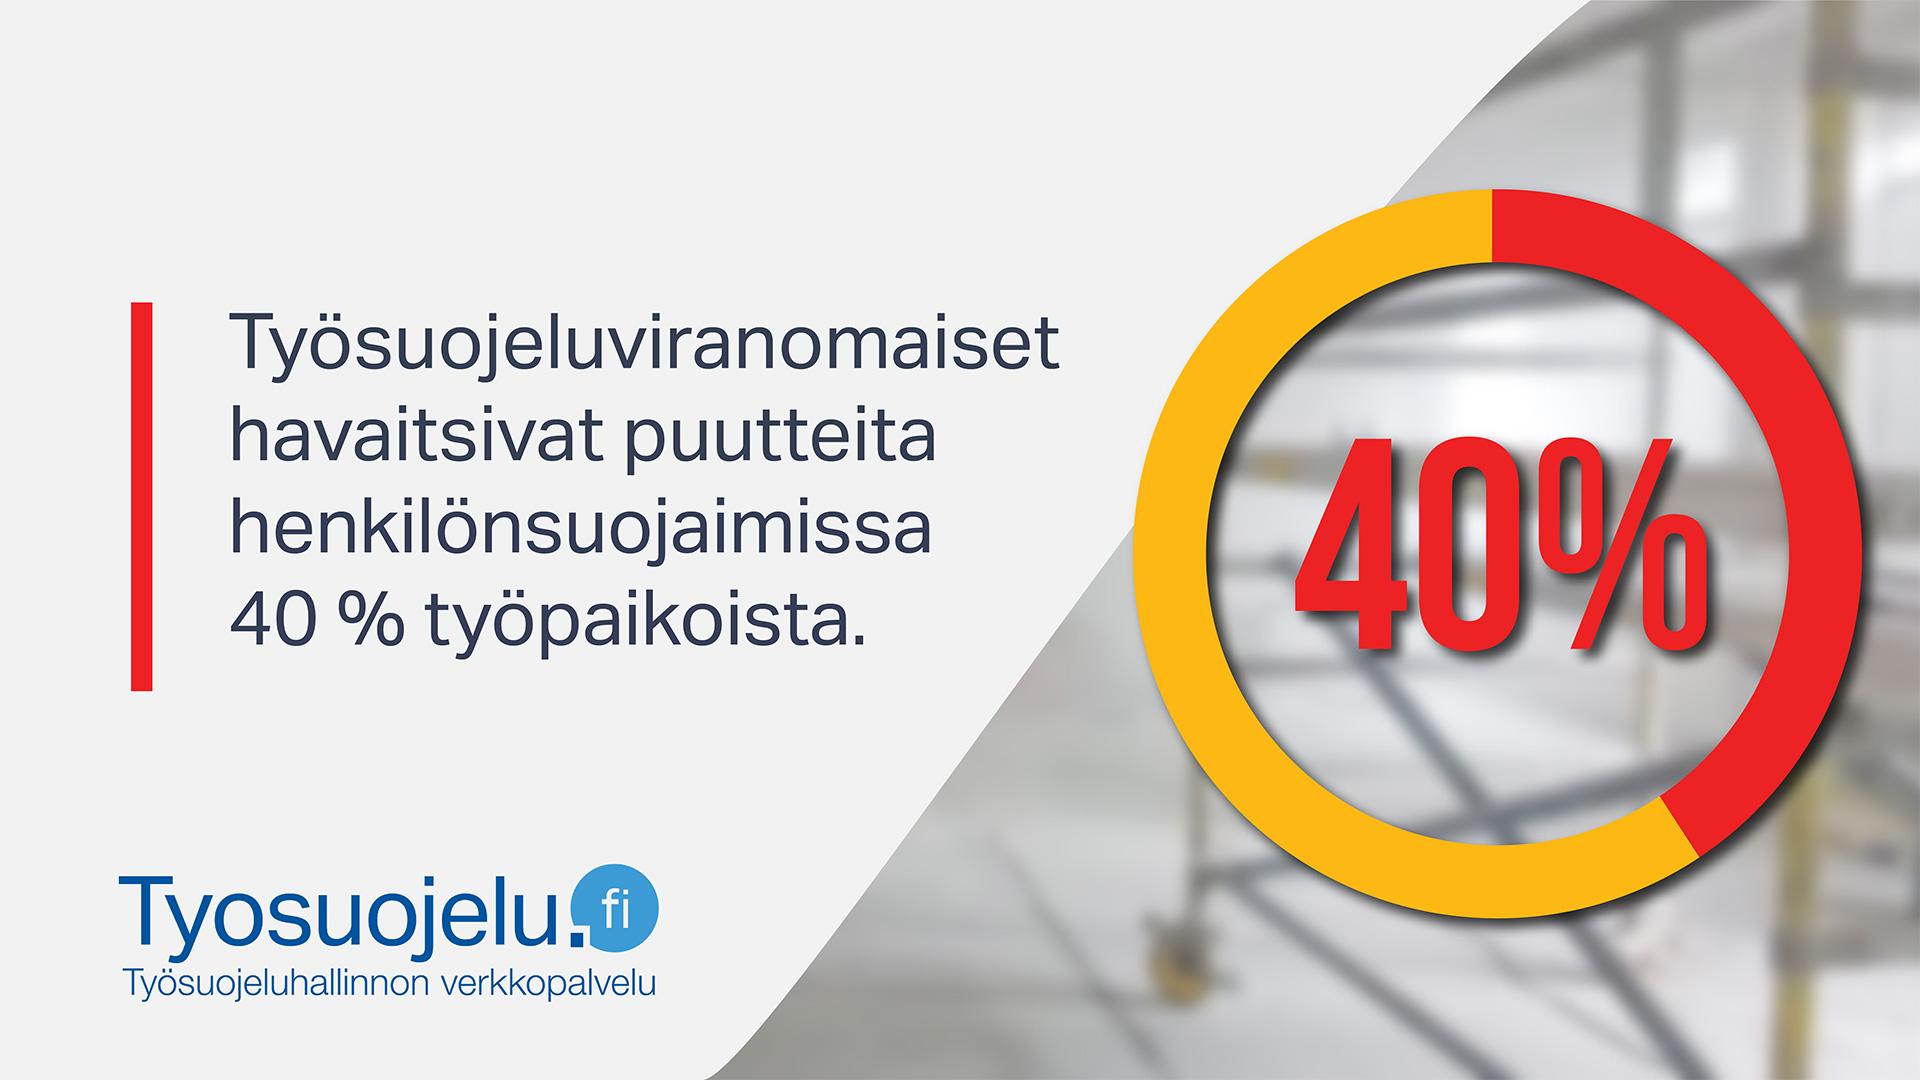 Teksti: Työsuojeluviranomaiset havaitsivat puutteita henkilönsuojaimissa 40 % työpaikoista. Työsuojelu.fi-logo.